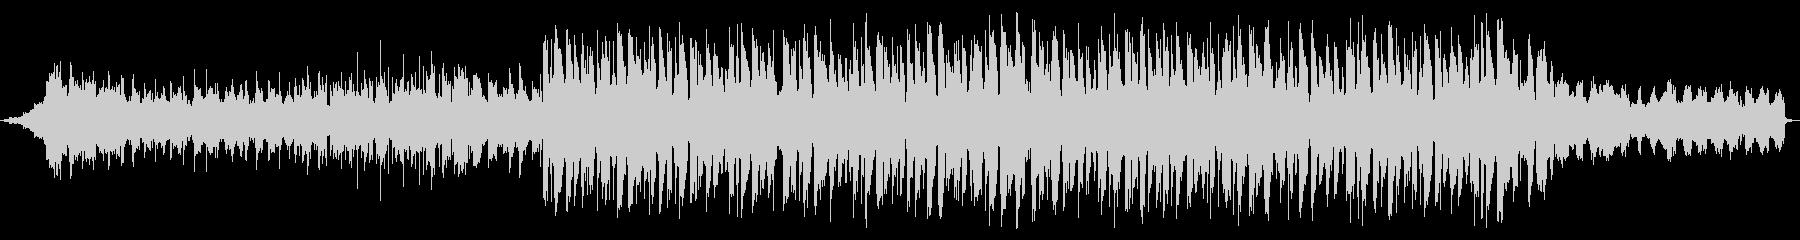 夏 海 ハウス 声ネタ 60秒版の未再生の波形